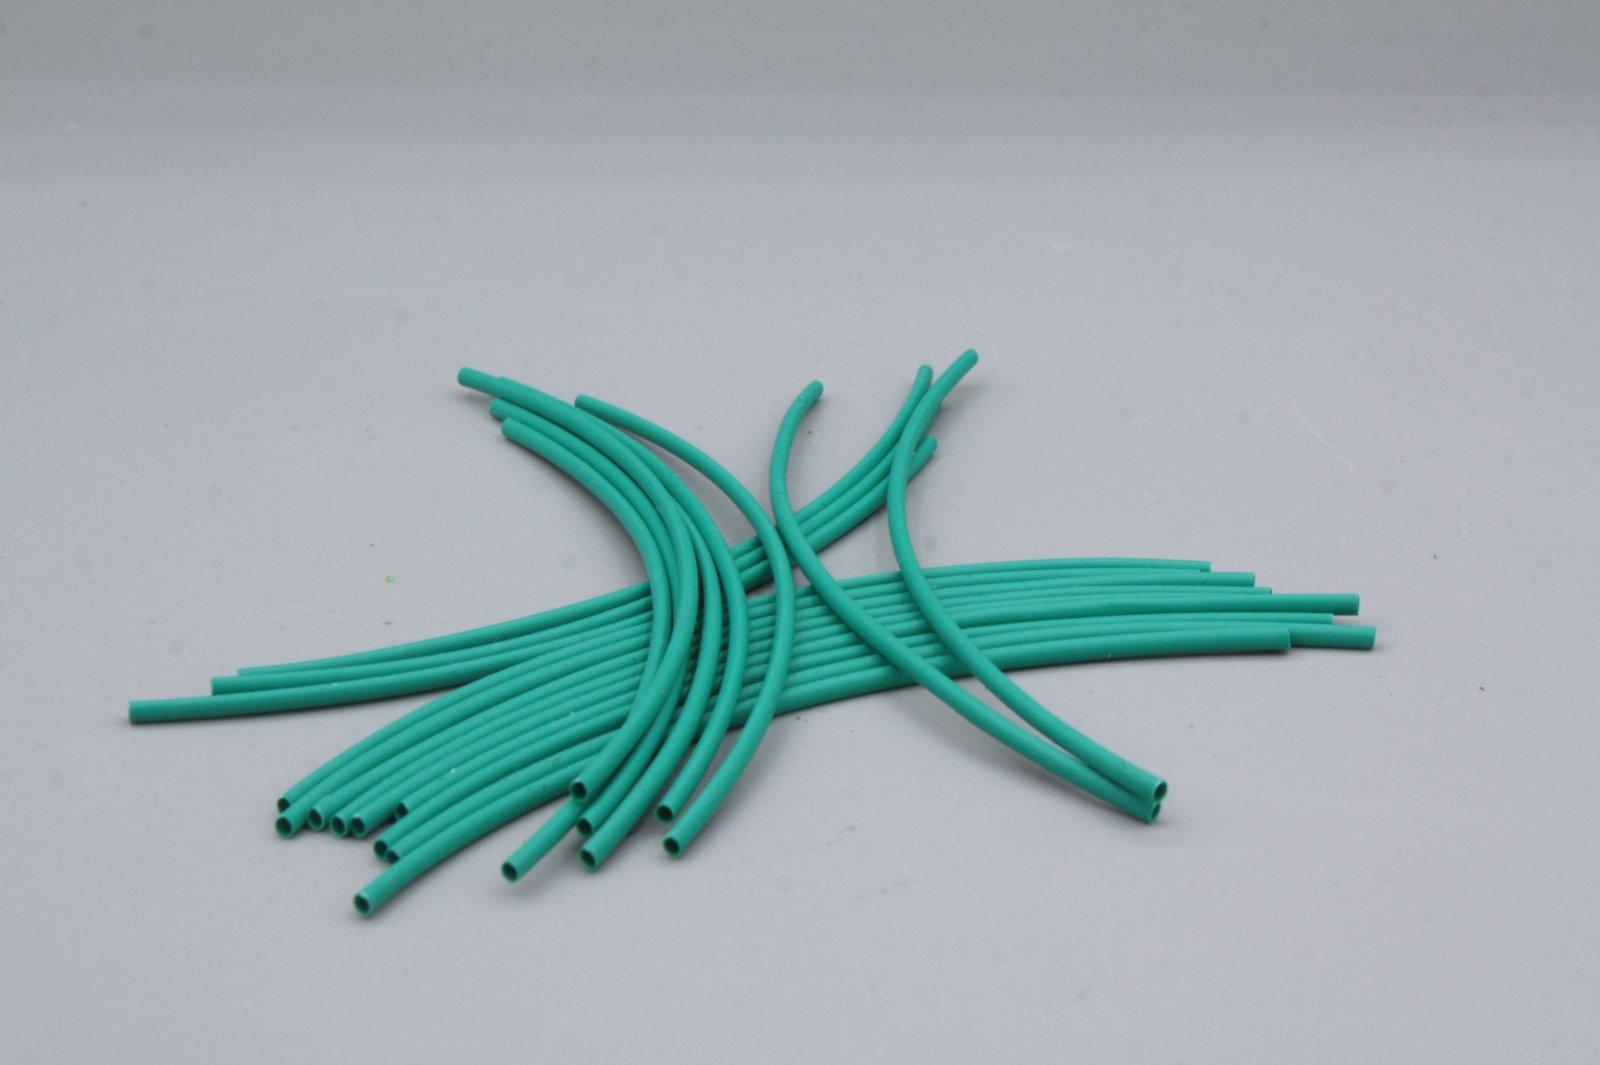 Schrumpfschlauch 1,6 mm grün 2 m in Stücken je 10 cm